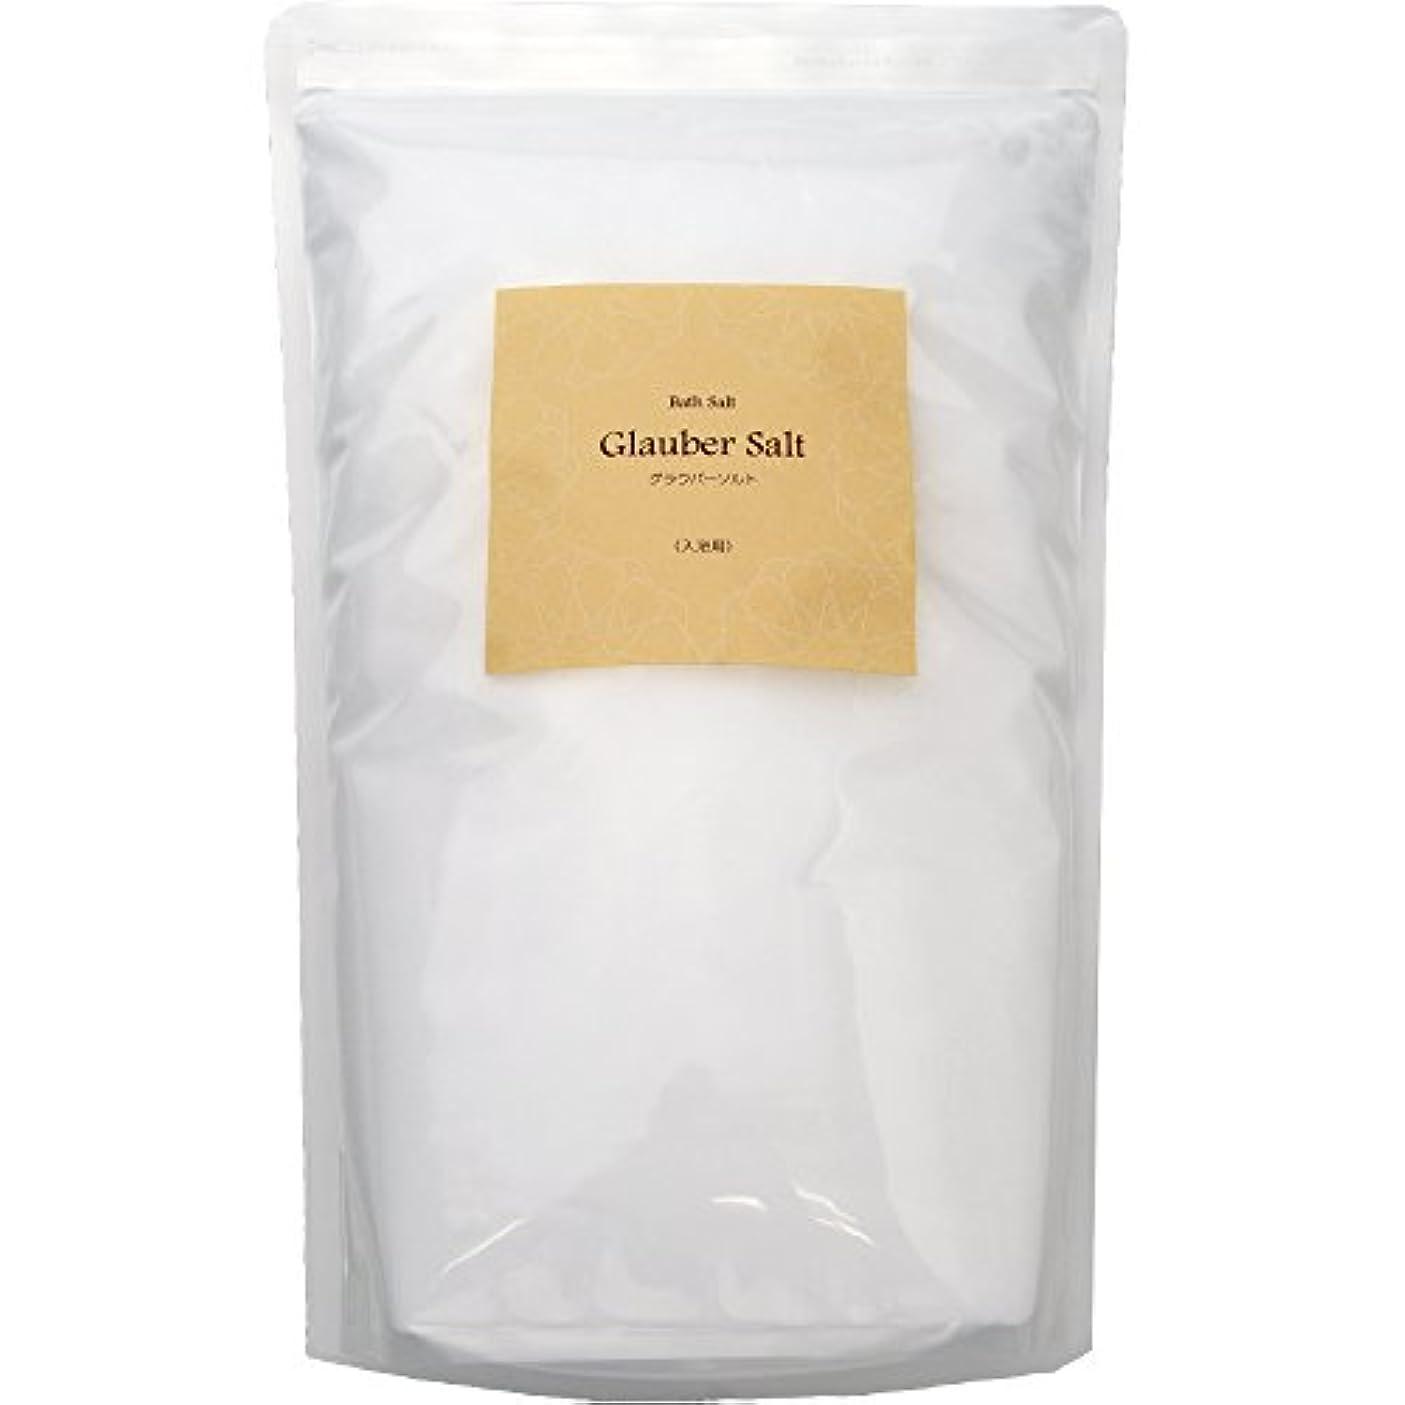 促すクリエイティブもう一度アースコンシャス 国産 グラウバーソルト [10kgパック / 入浴剤 原料] バスソルト 入浴用 硫酸ナトリウム 大容量 (計量スプーン付) [合成着色料?合成香料?防腐剤 無添加]